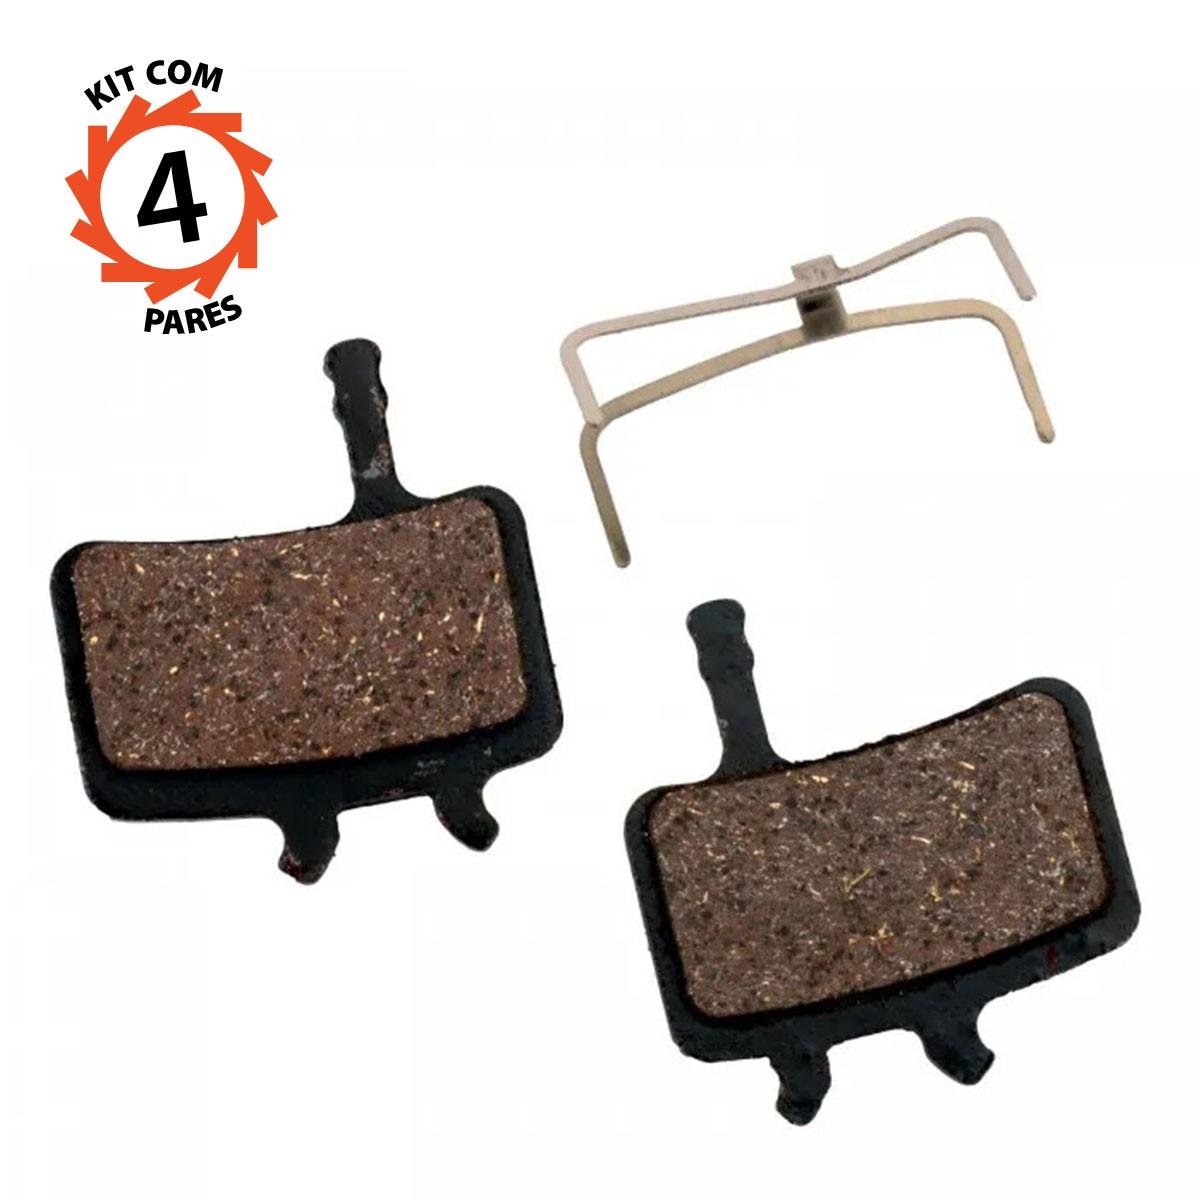 Pastilha Freio a Disco Avid BB7 Juicy 3/5/7 Carbon Promax DSK-905/907 - Kit 4 Pares